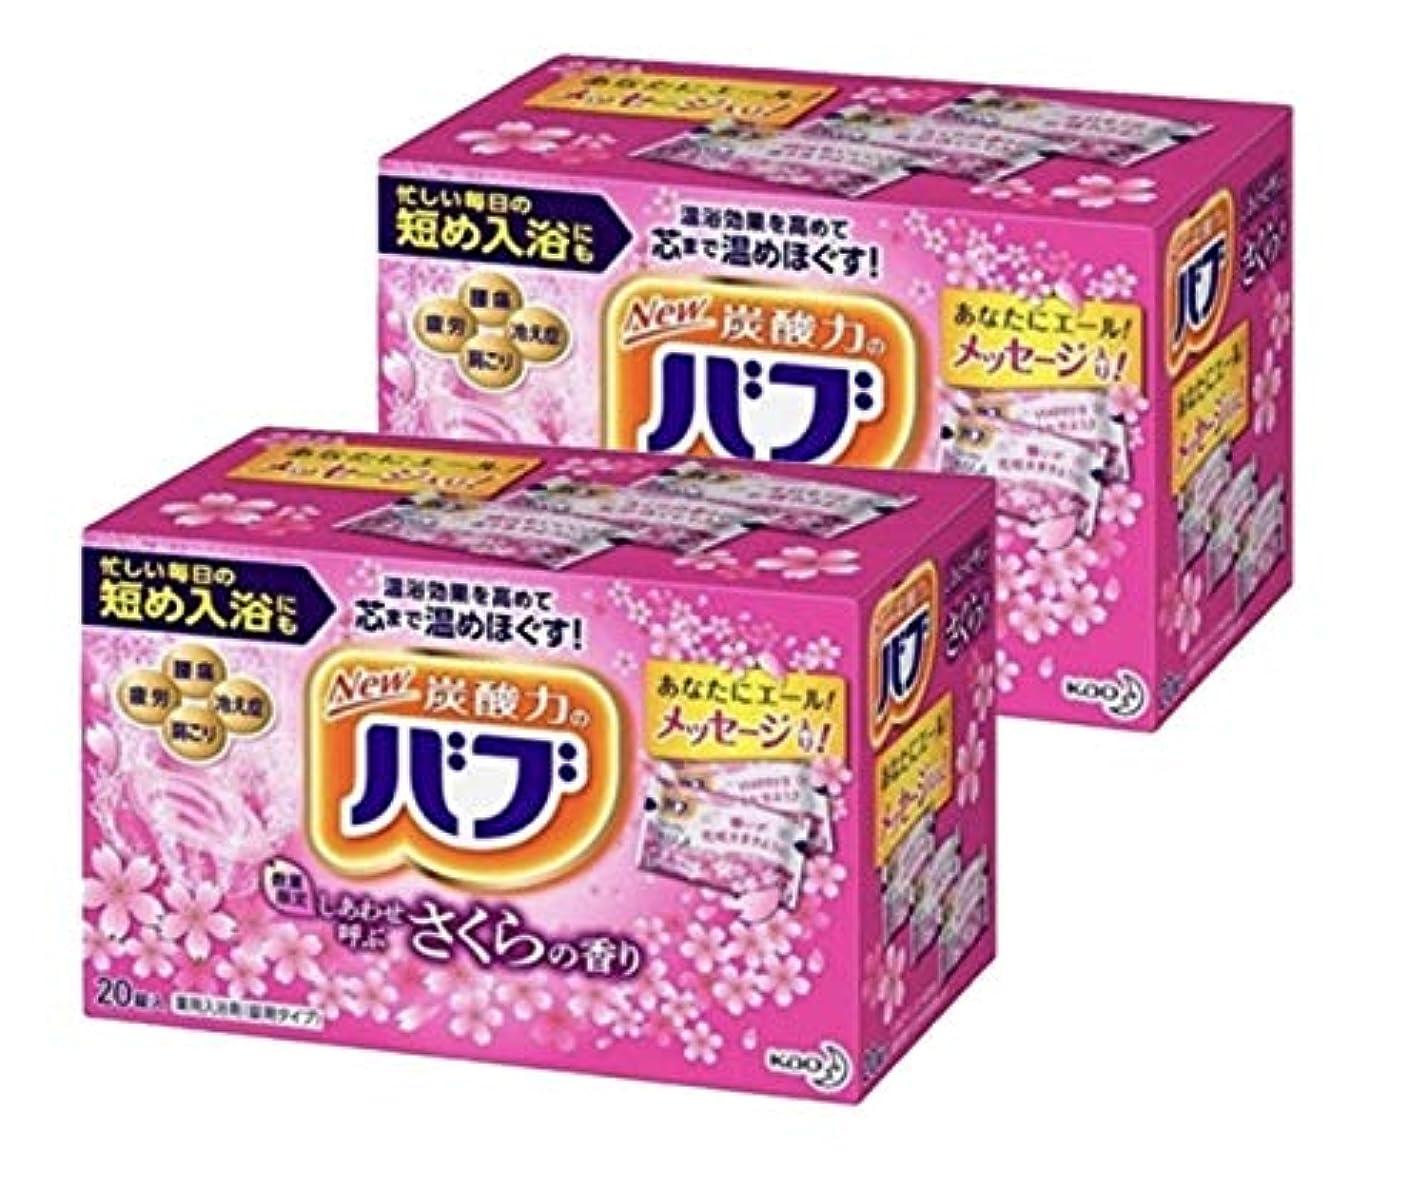 現像自由パーセント【まとめ買い】バブ 薬用入浴剤 しあわせ呼ぶ さくらの香り 20錠入り×2